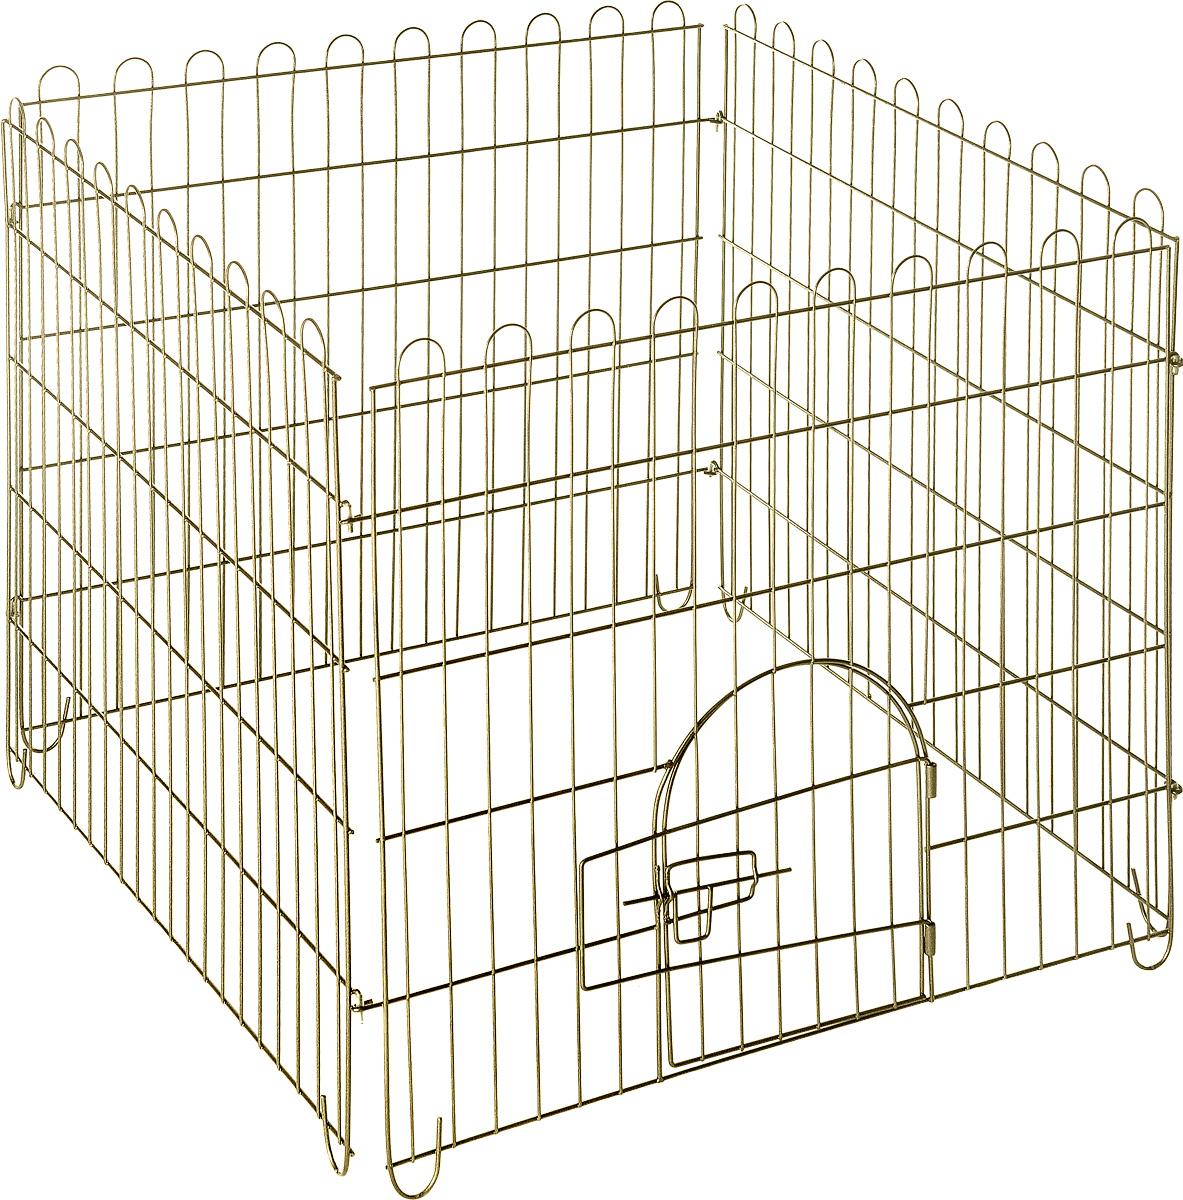 Вольер для животных ЗооМарк, разборный, 4 секции, 75 х 75 х 74 см игрушка для животных каскад барабан с колокольчиком 4 х 4 х 4 см